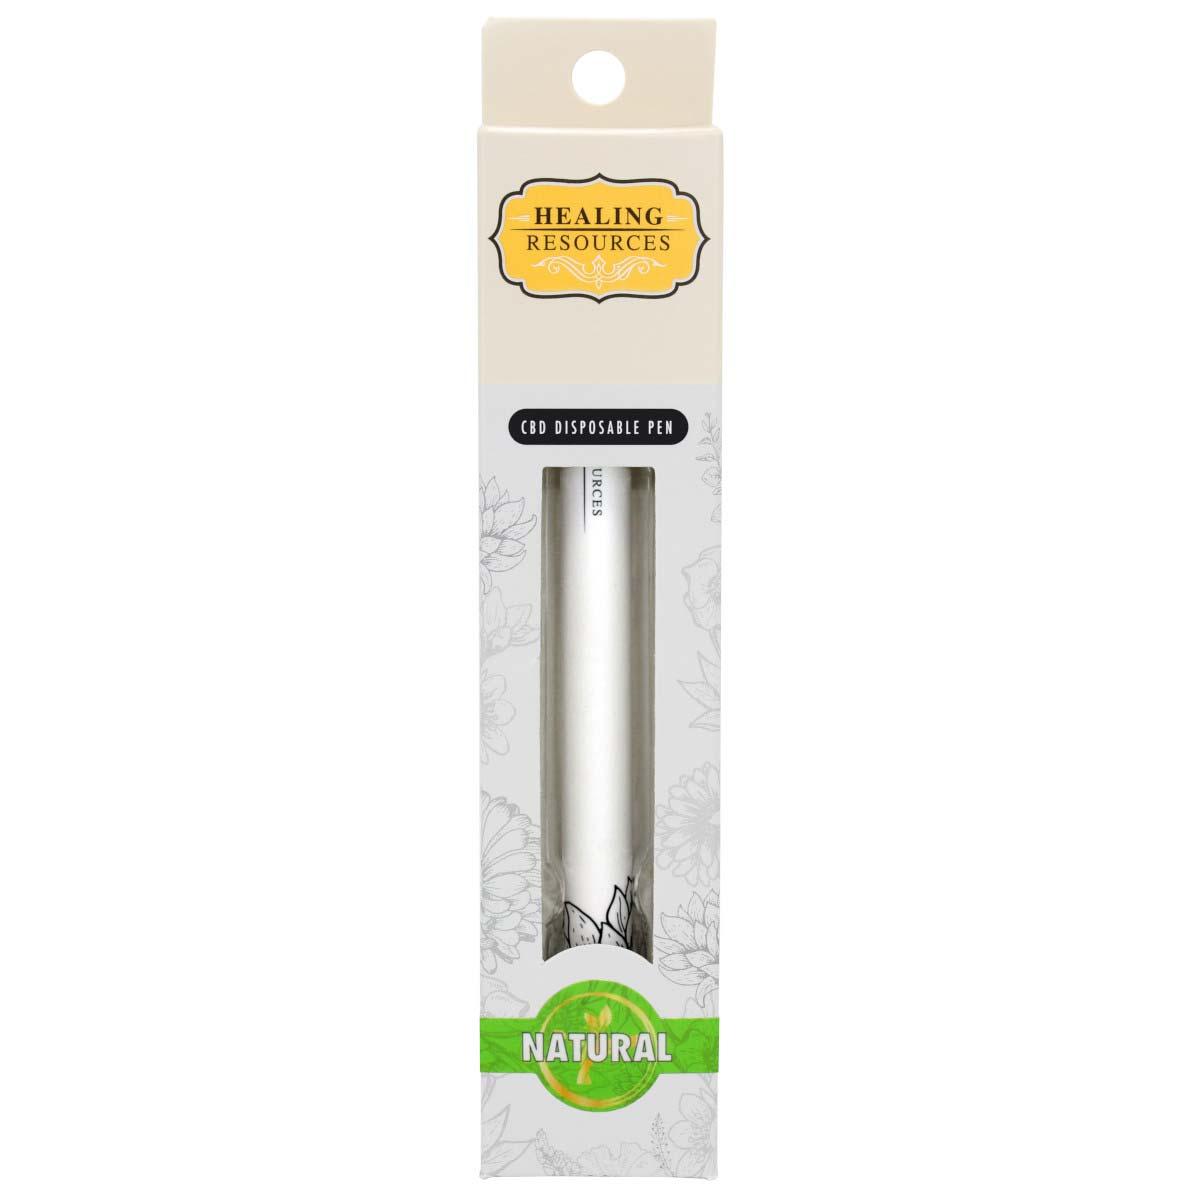 THC Free CBD Vape Pen